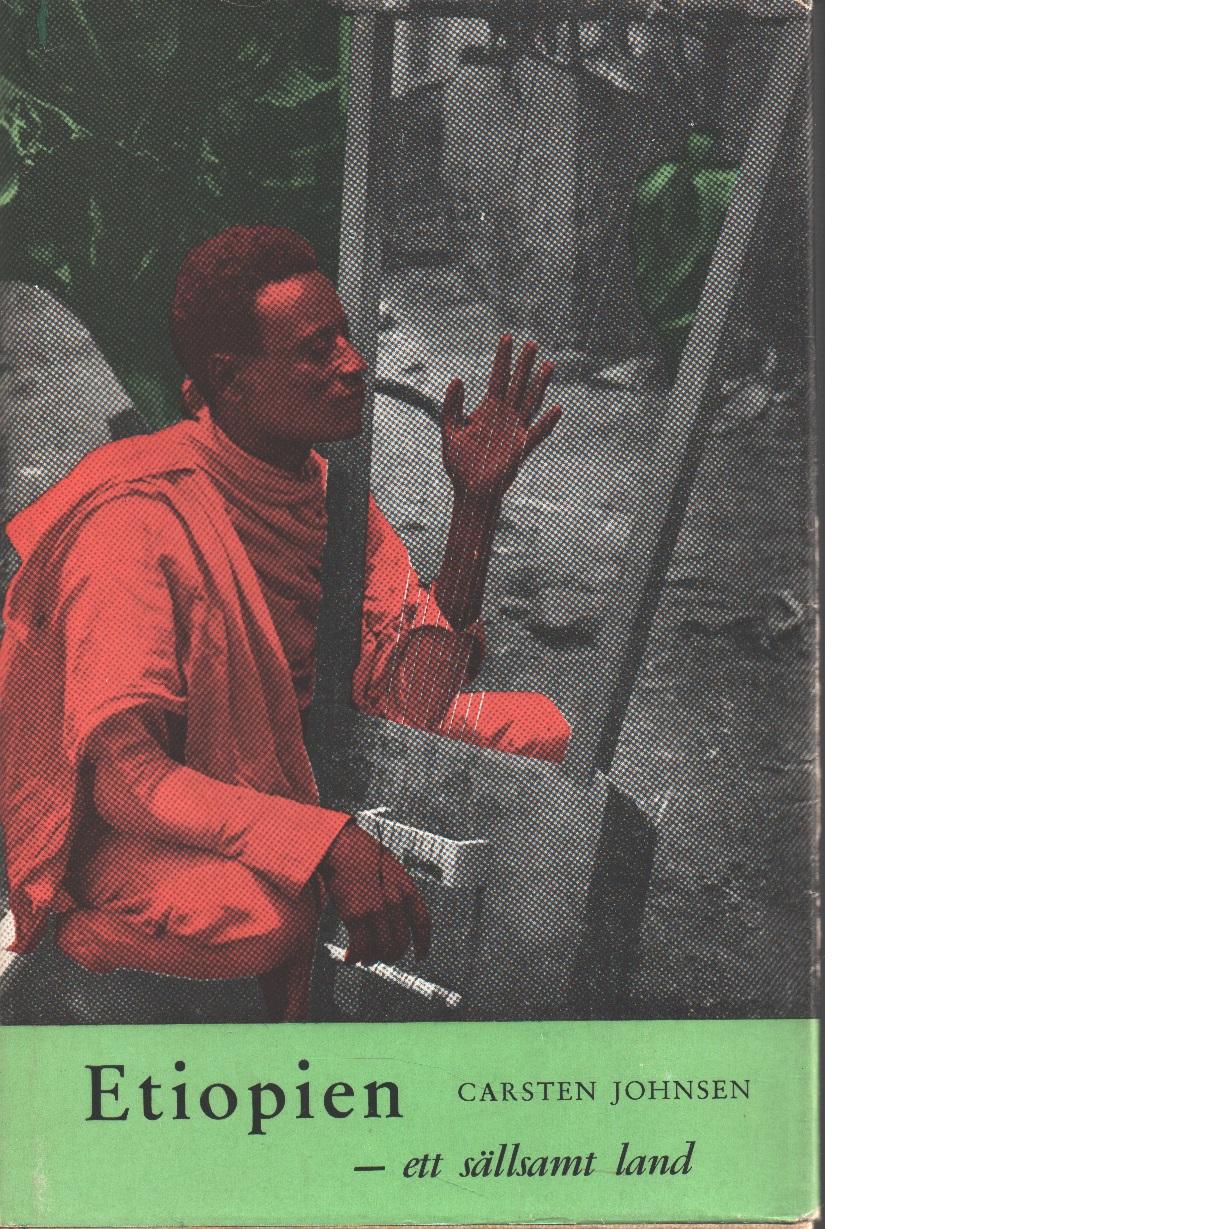 Etiopien, ett sällsamt land - Johnsen, Carsten